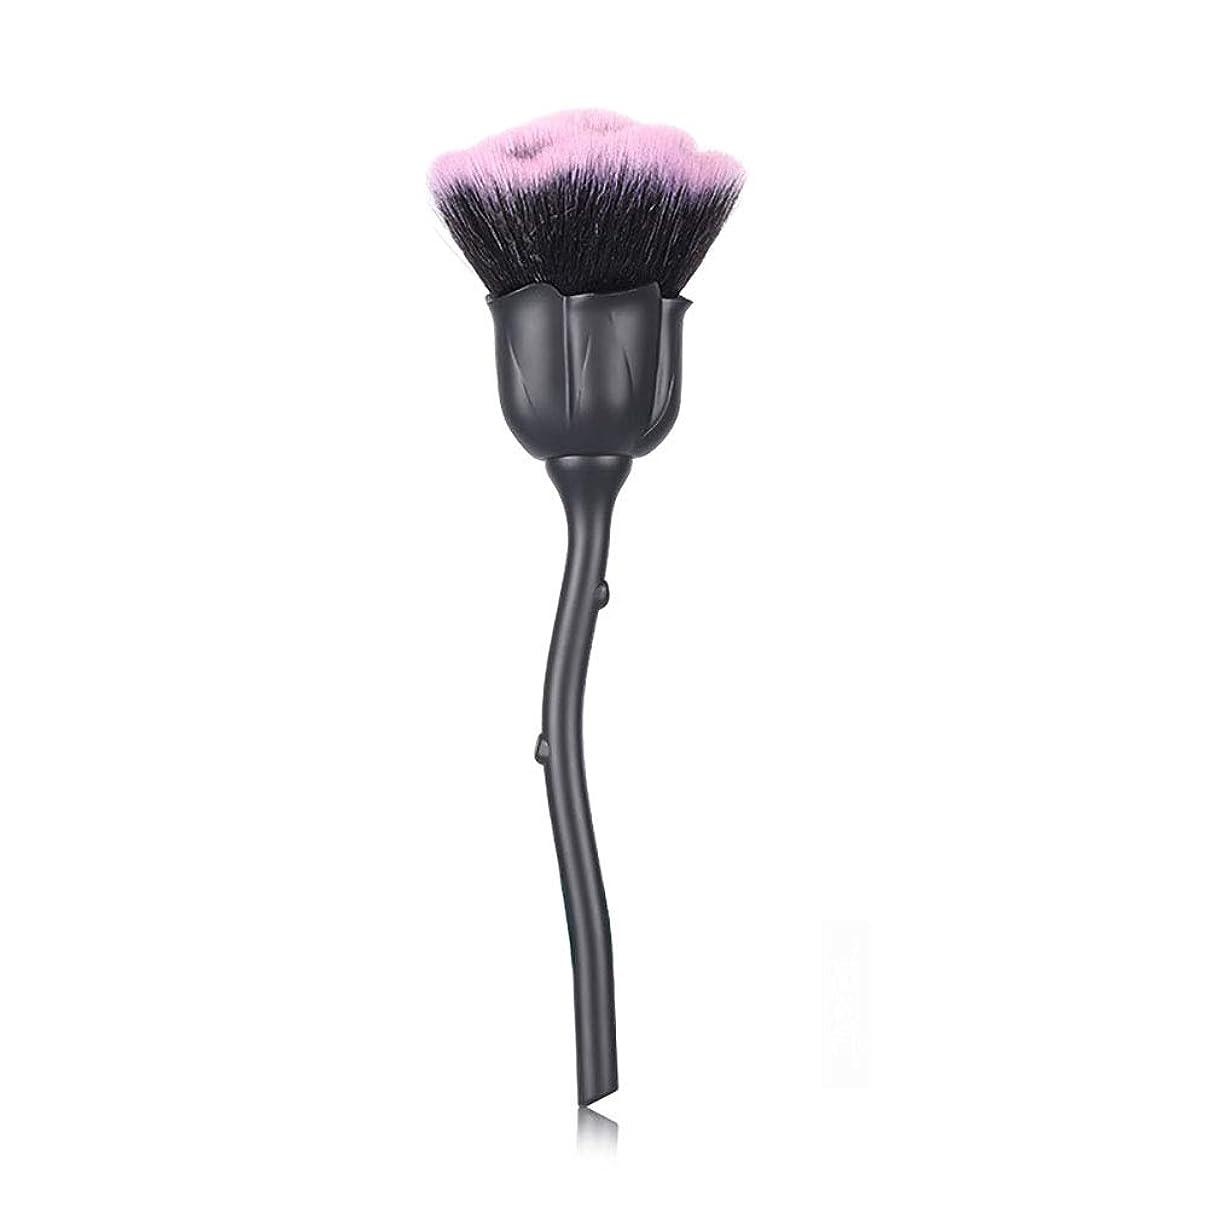 一杯秘書羊のCikoume ハイライトブラシ パウダーブラシ & チークブラシ 多機能メイクブラシ 高級繊維毛極上の肌触り メイクブラシ メイク道具 化粧ブラシ でファンデーションブラシ